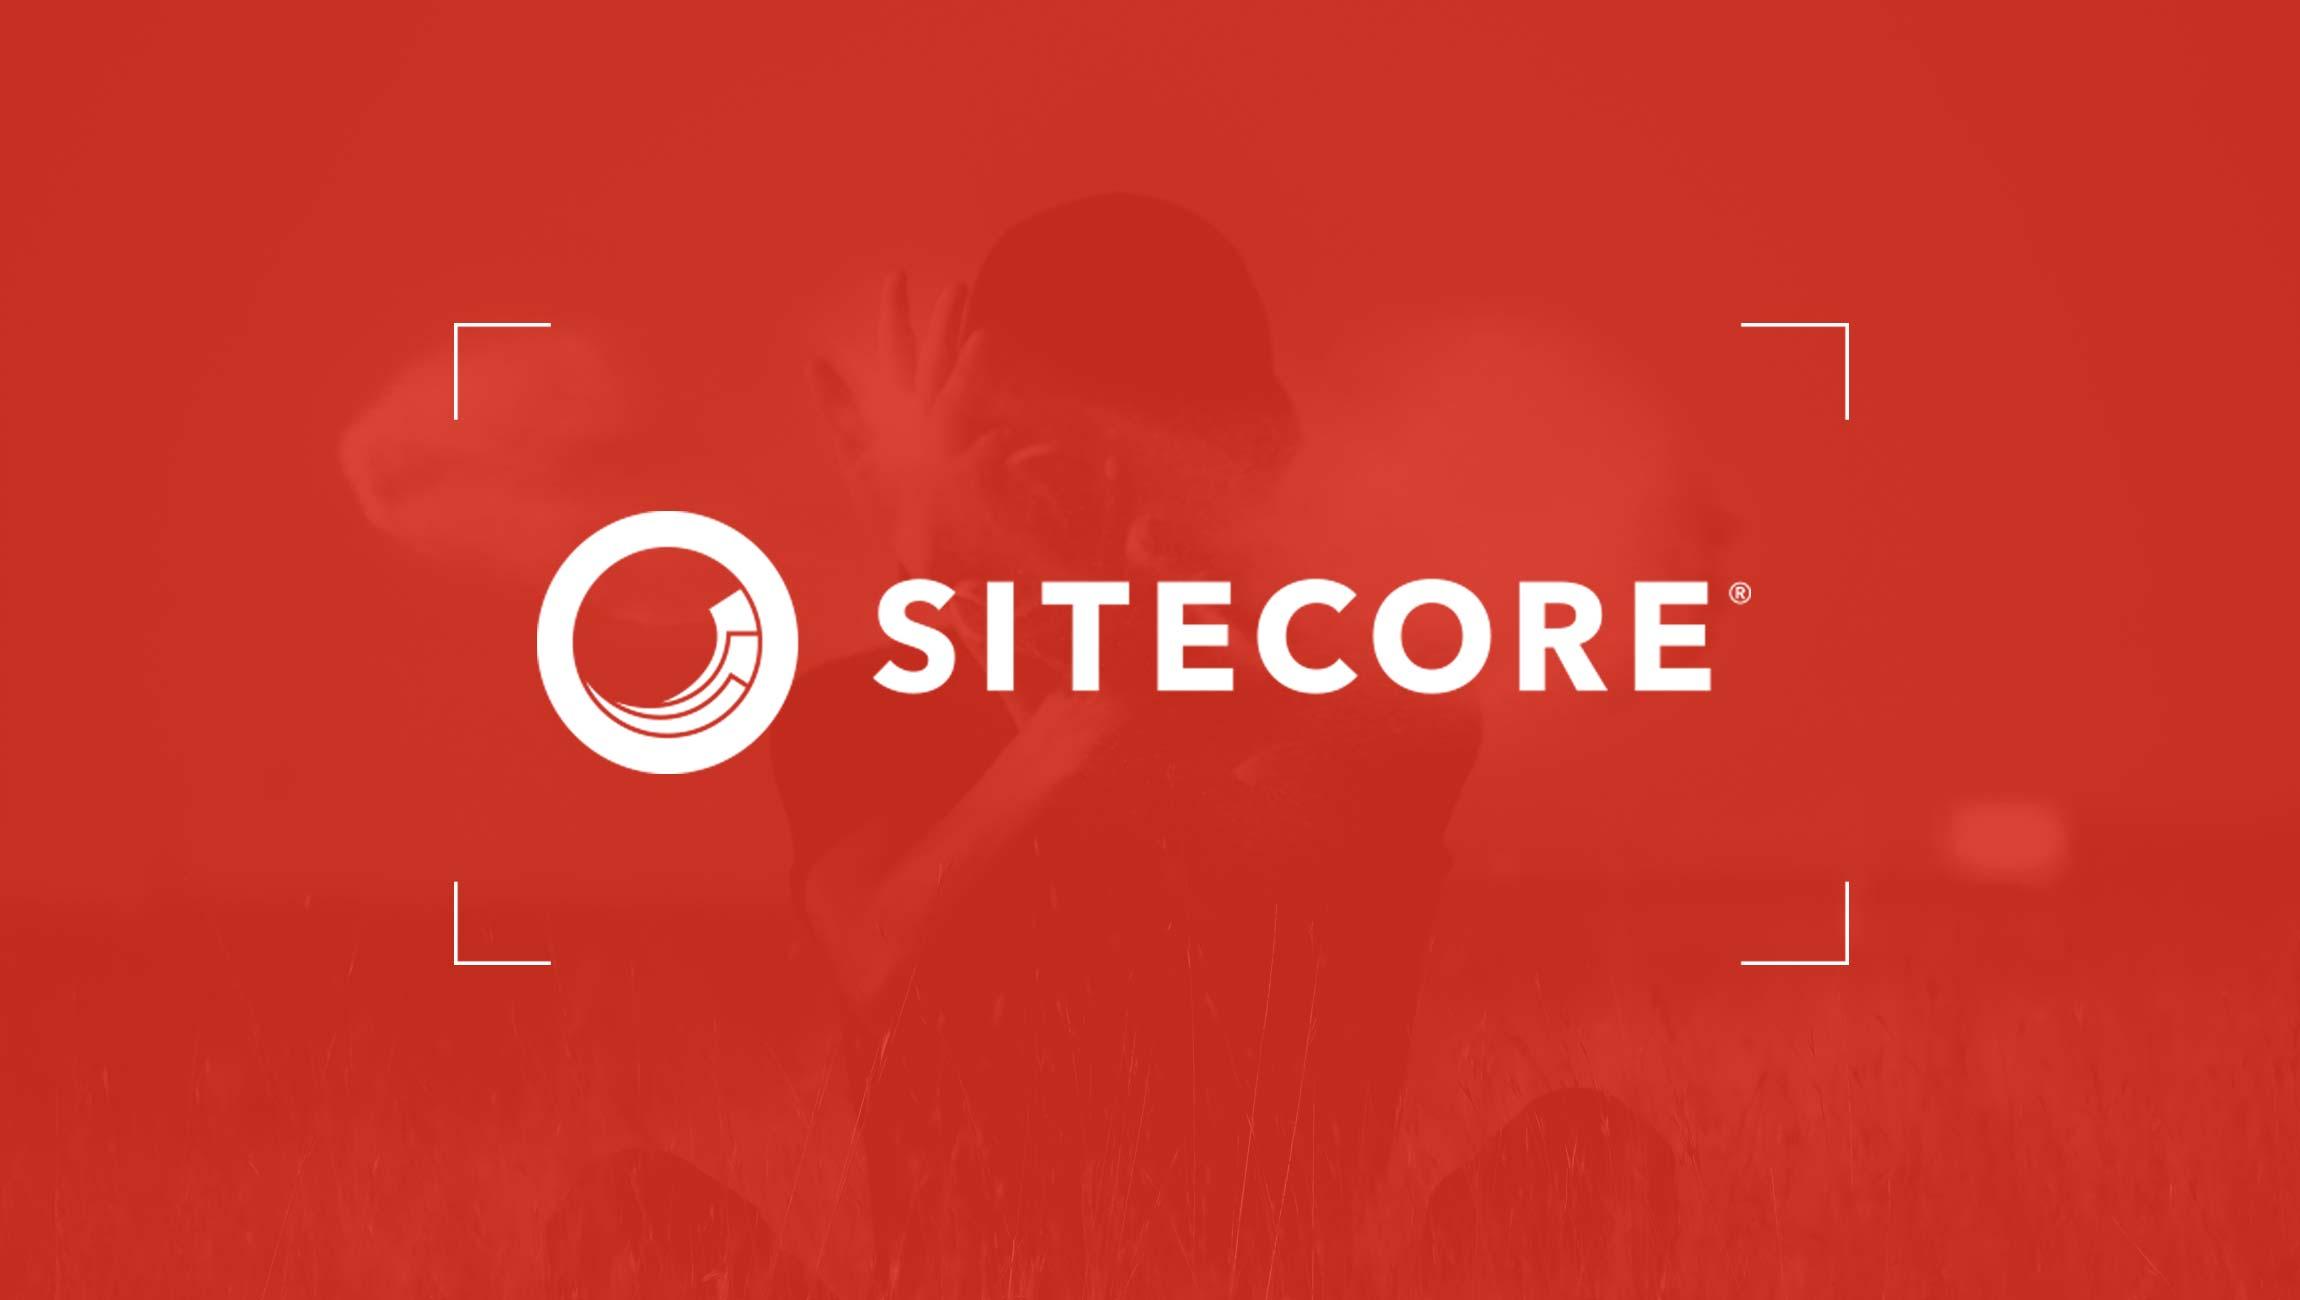 https://www.contentbloom.com/wp-content/uploads/2021/01/Sitecore-Announces-2020-Most-Valuable-Professionals.jpg